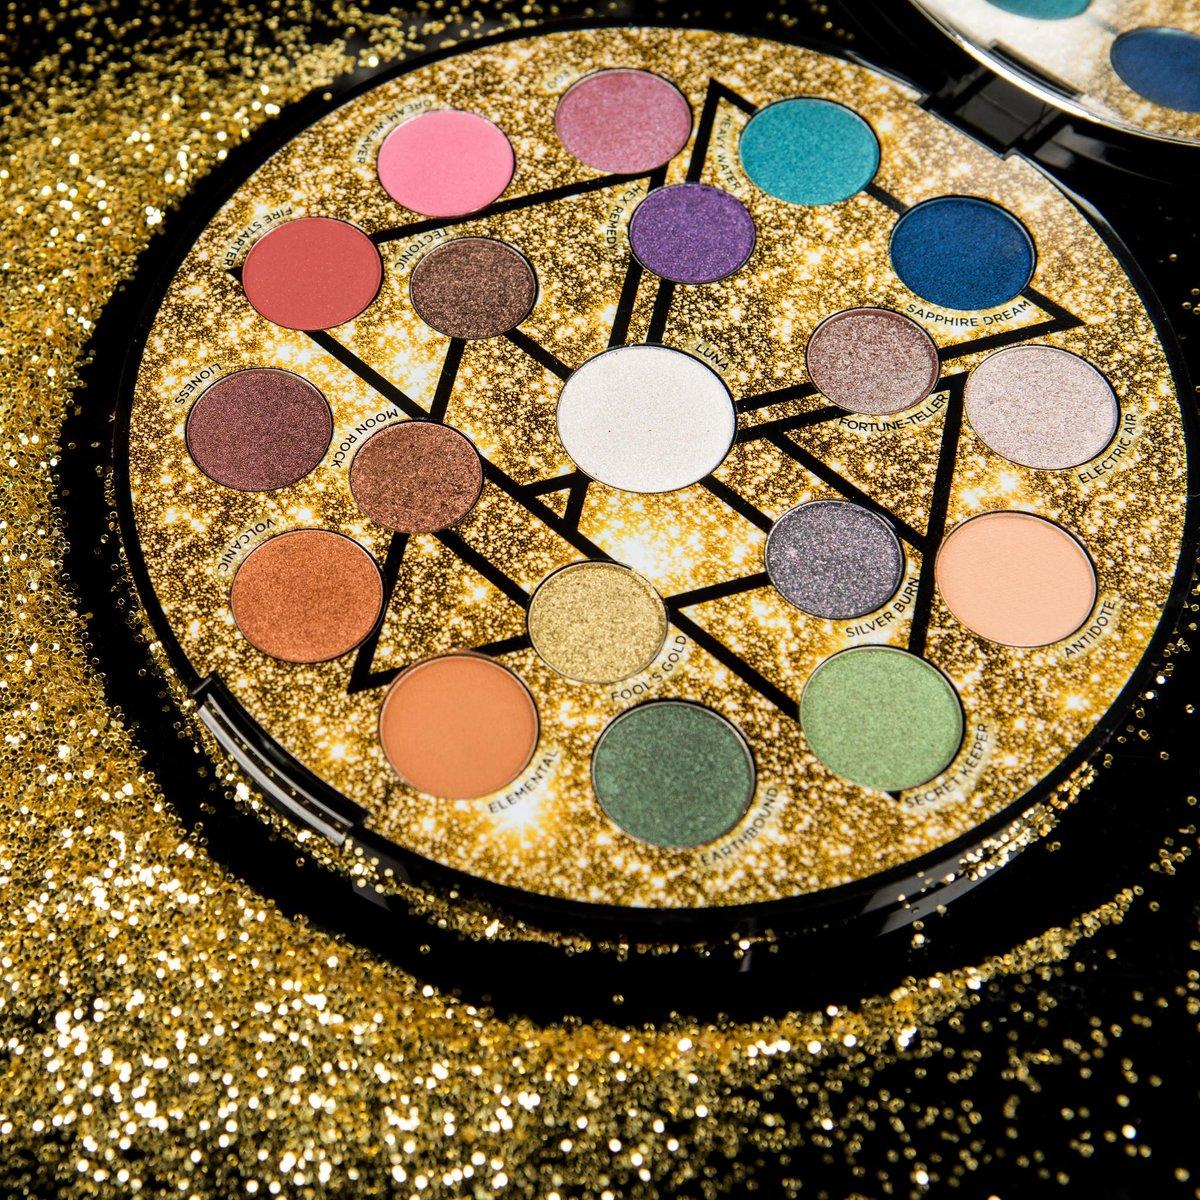 Kết quả hình ảnh cho Urban Decay Elements Eyeshadow Palette